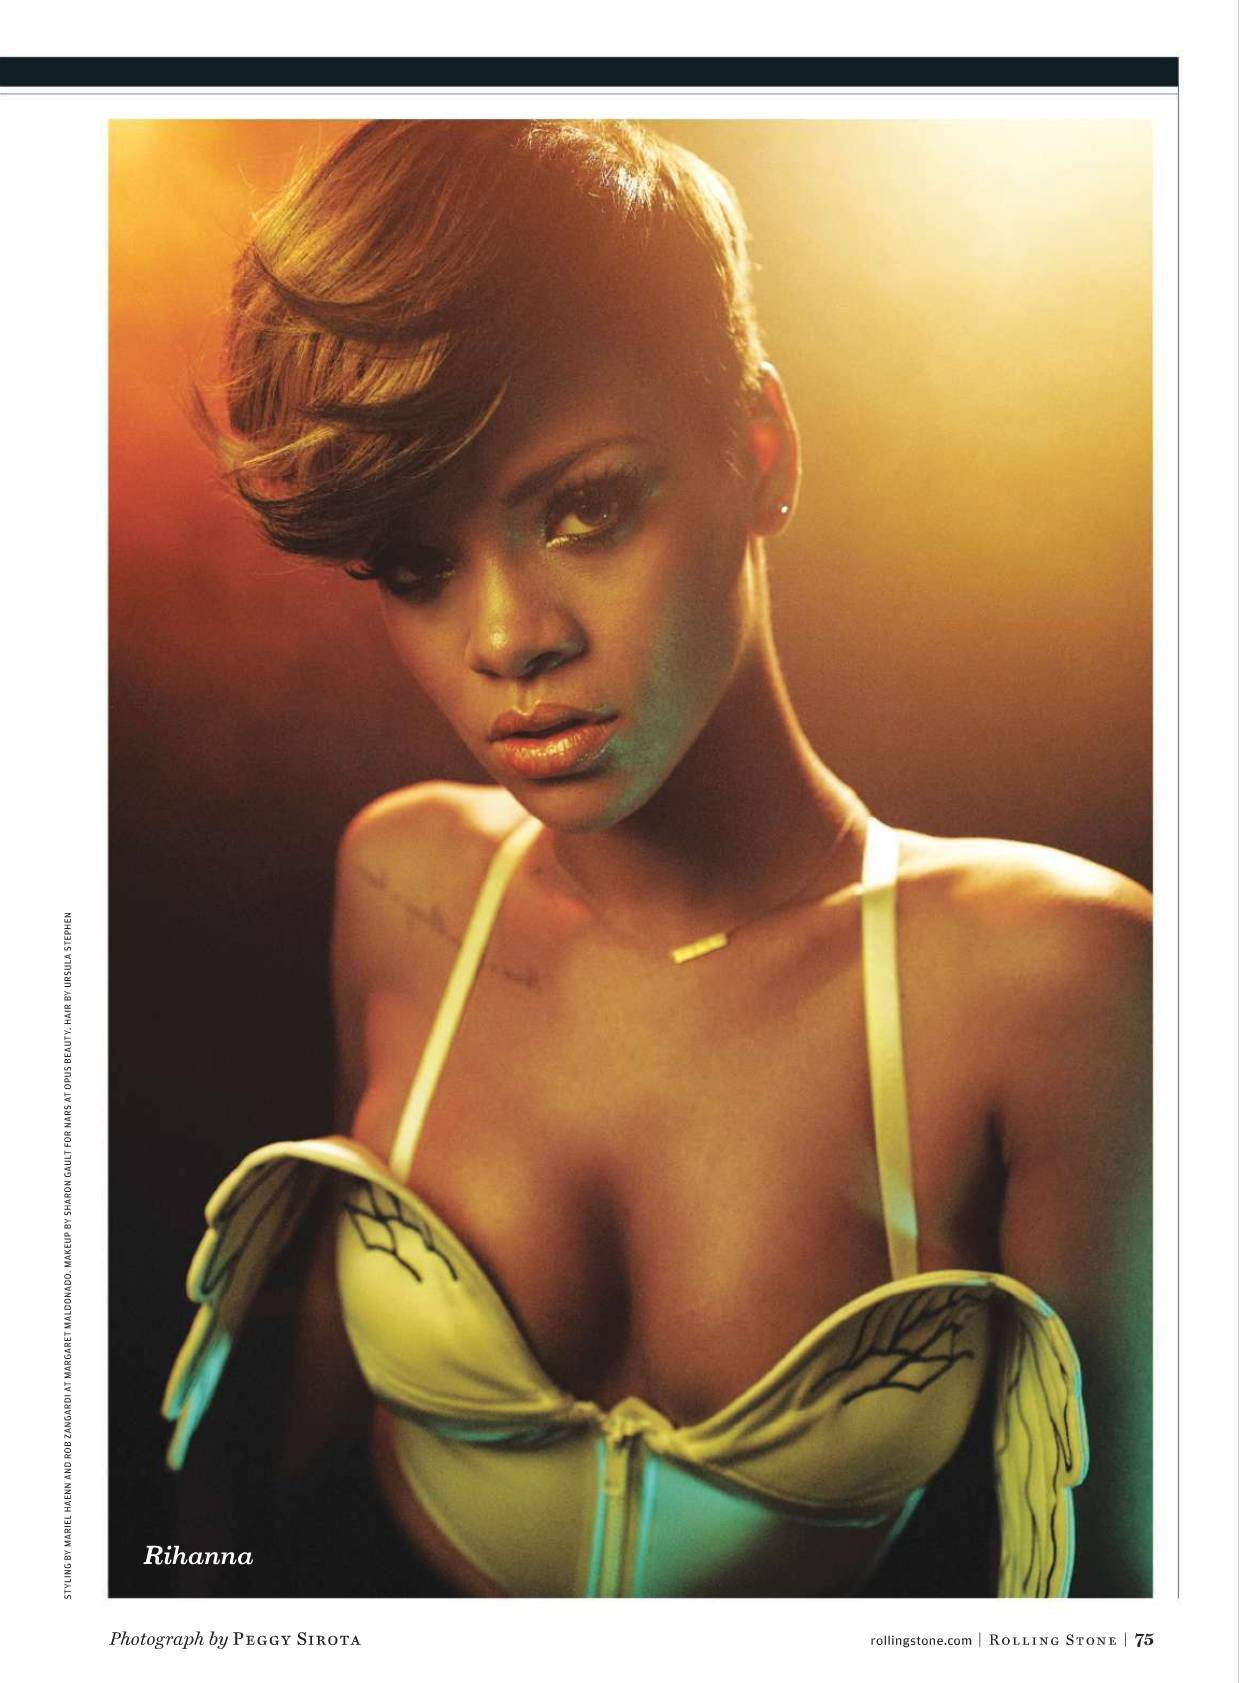 21551_RihannaKatyPerryLadyGagaMileyCyrusTaylorSwift_No19.PopDivas.PopDivas2_122_447lo.jpg